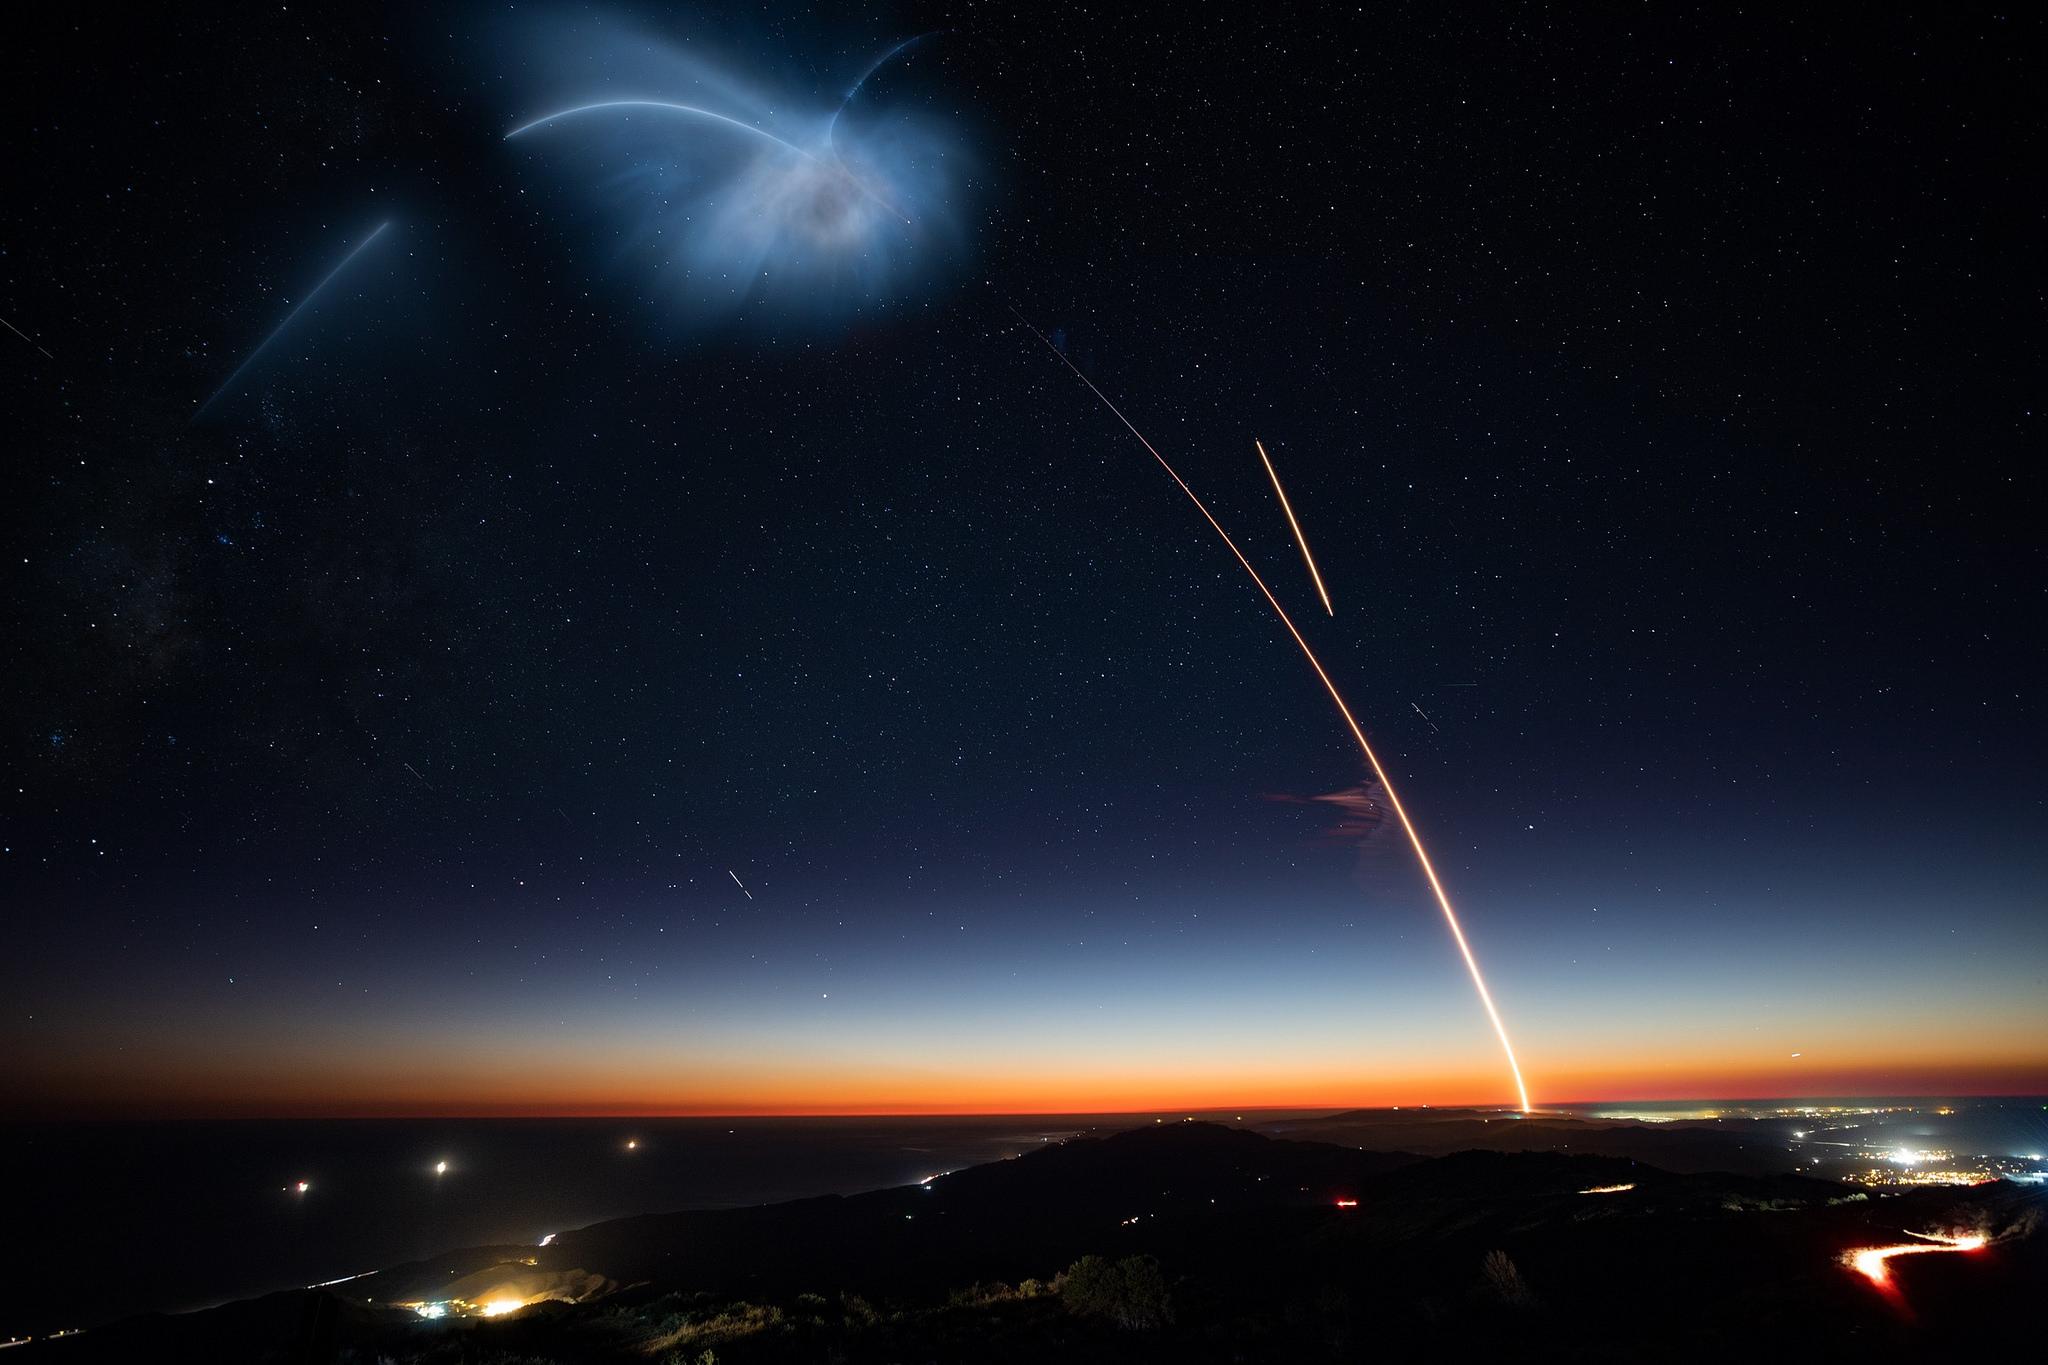 «Так дешевле»: Казахстан предпочел американский Falcon 9 российским «Союзам» и «Протонам» для запуска своих первых научно-технологических спутников